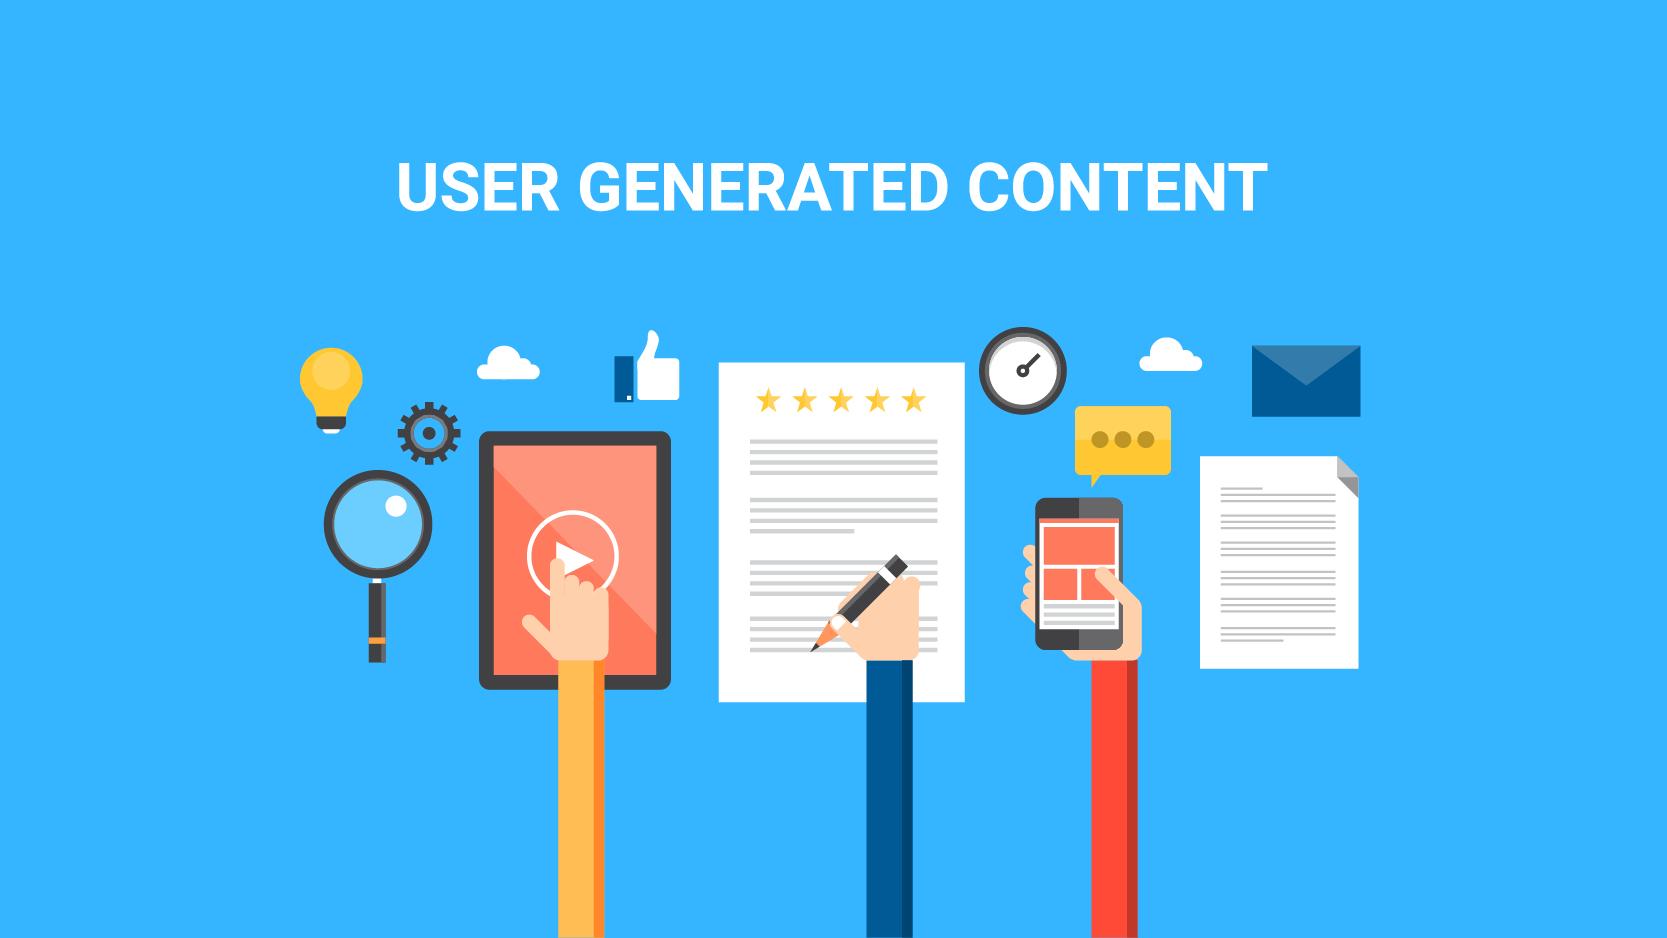 Utiliza el User Generated Content en tus estrategias digitales